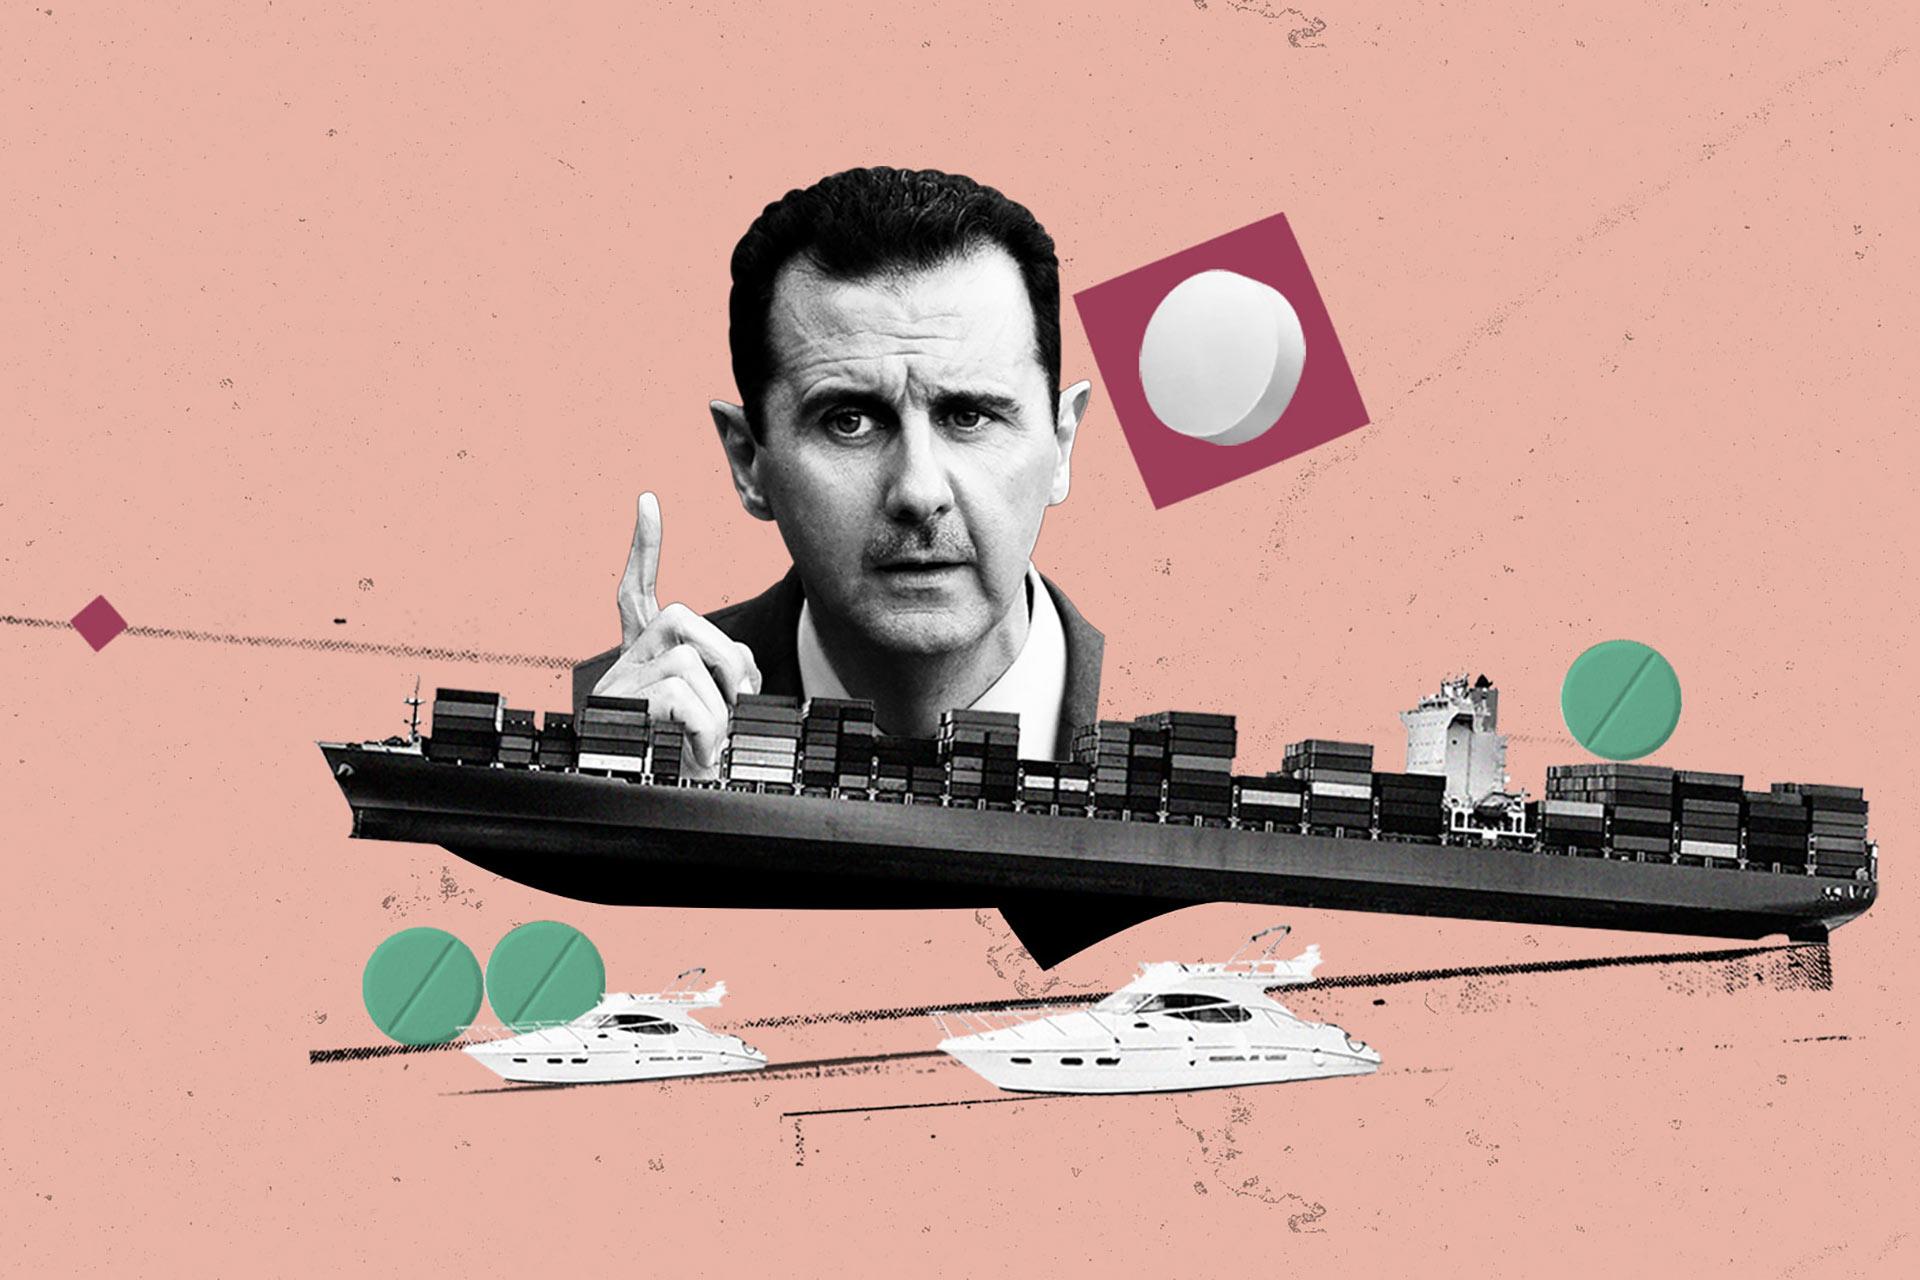 Изъятая в Греции партия каптагона вывела на преступную группировку и морской порт в Сирии, где бурно развивается наркоторговля